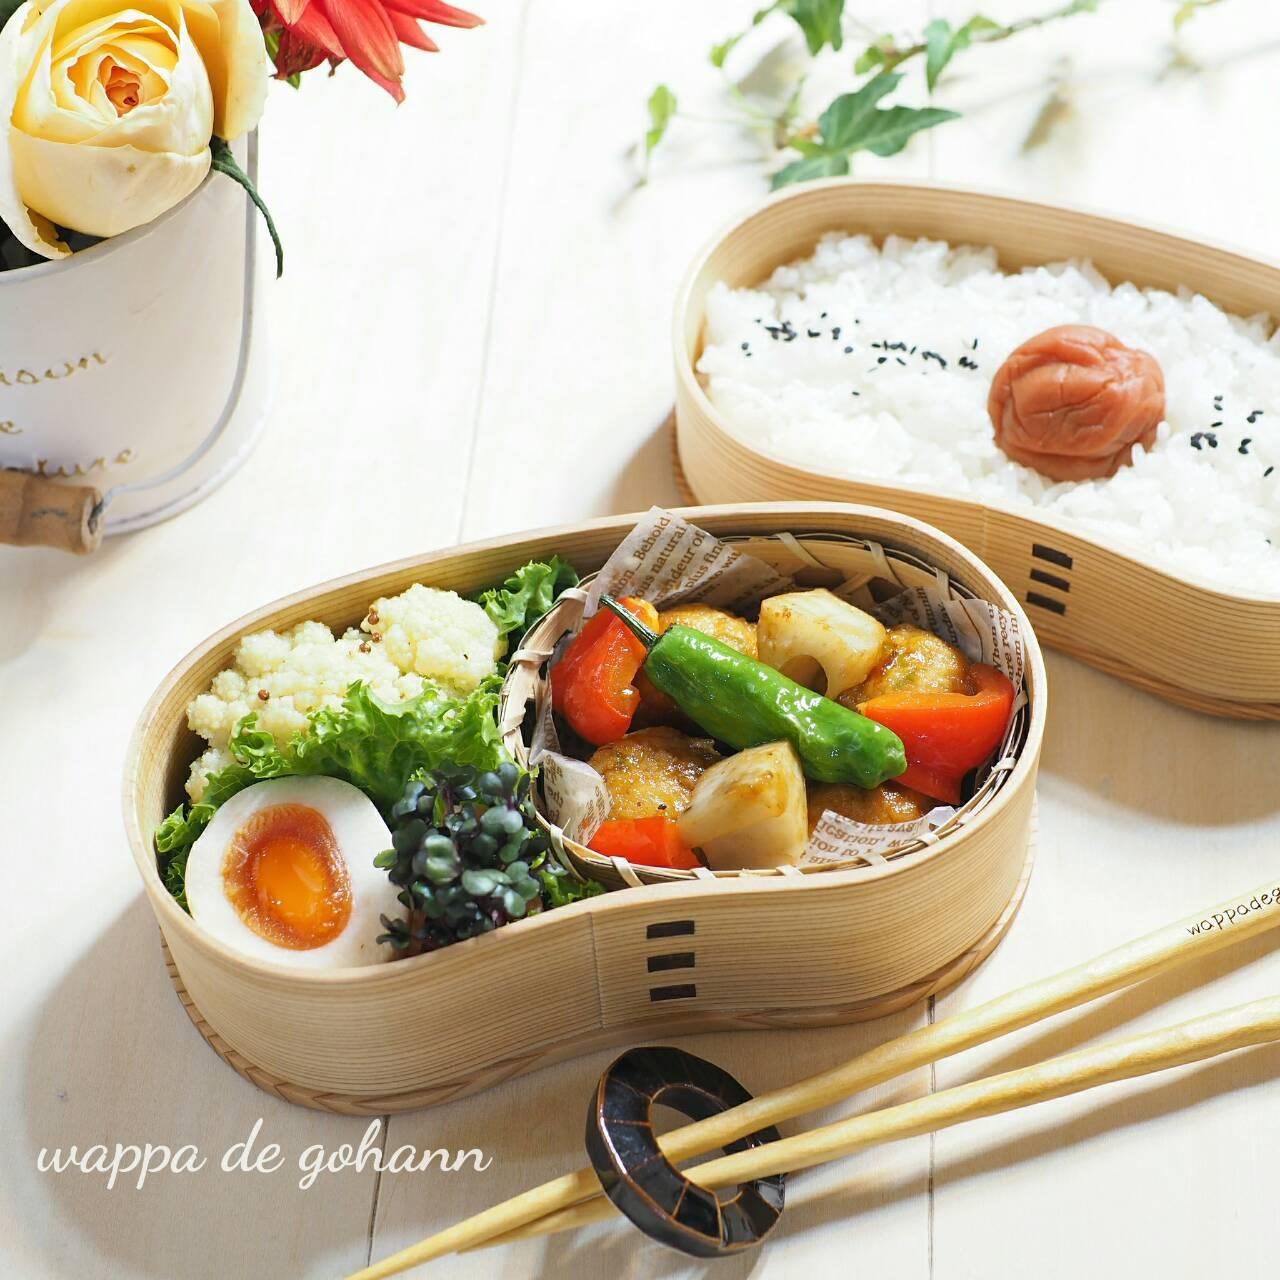 中華風肉団子弁当